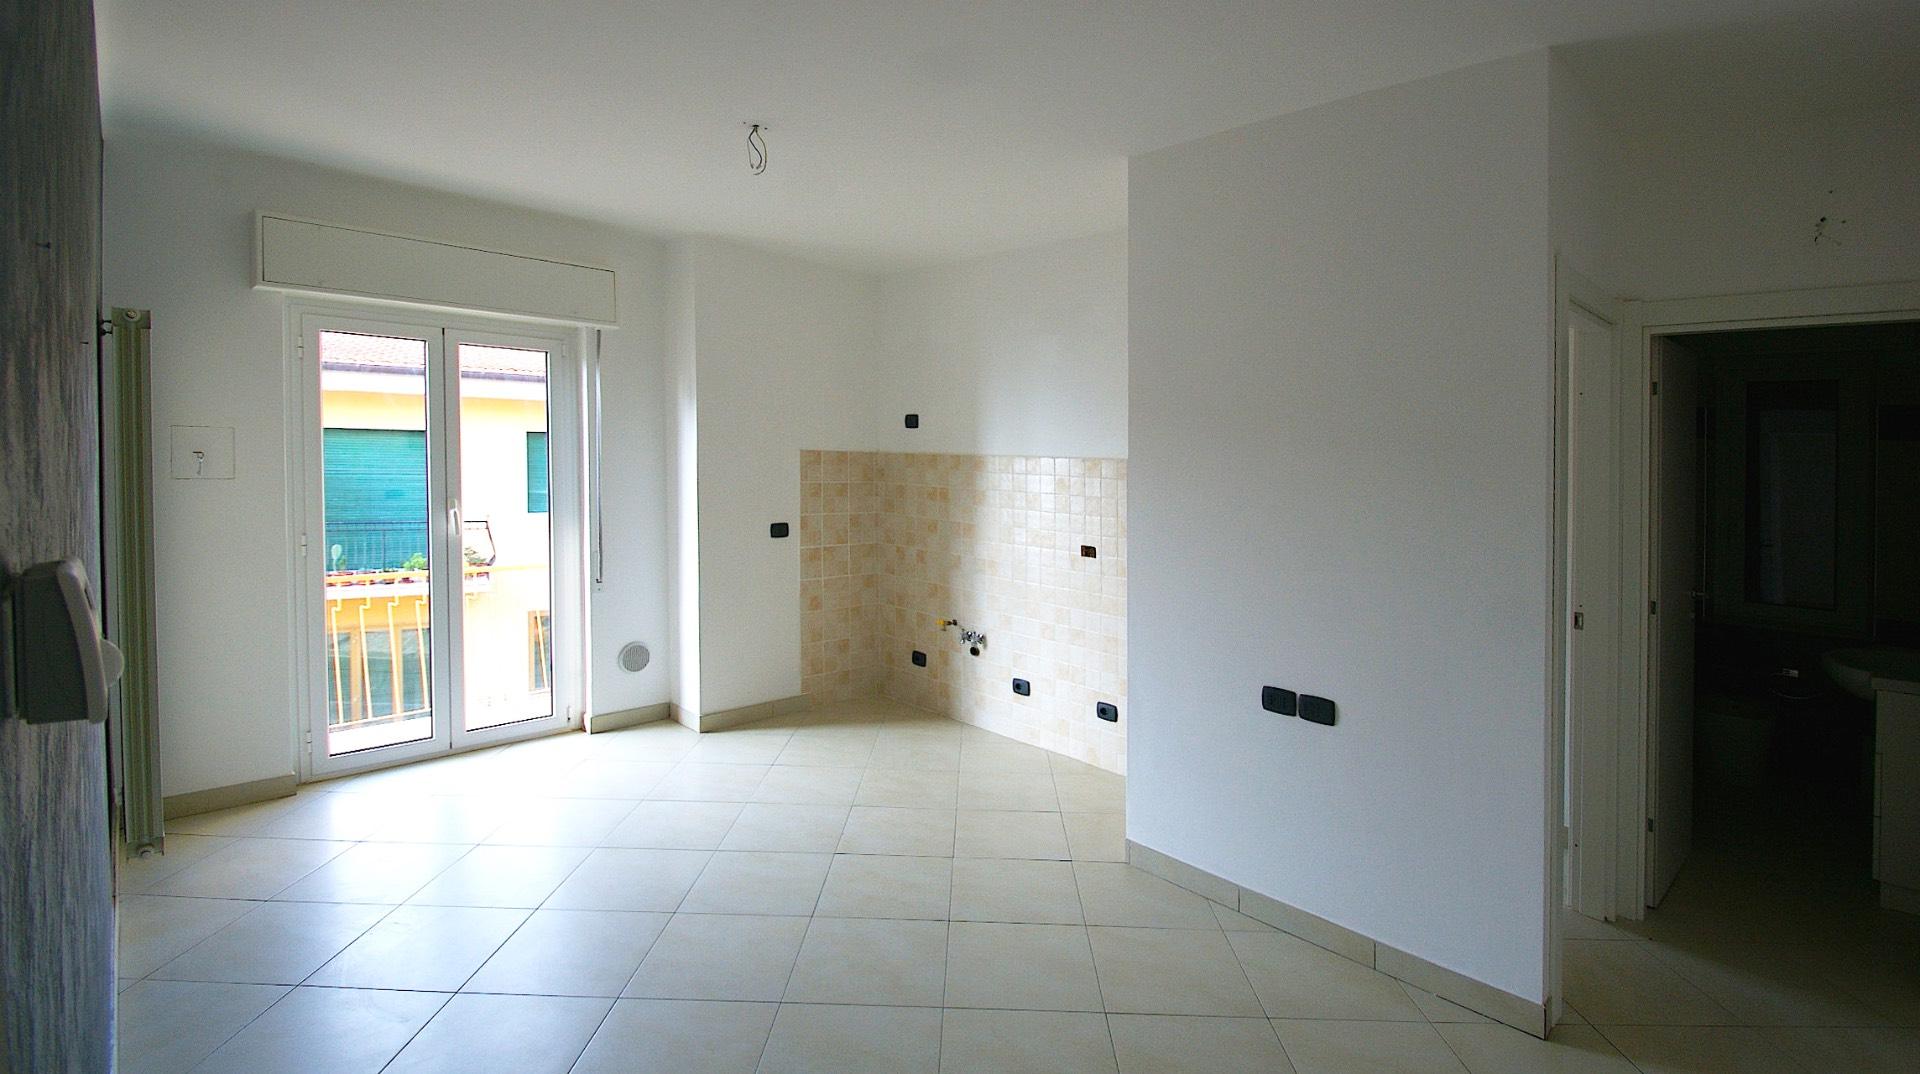 Appartamento in vendita a Borgio Verezzi, 3 locali, prezzo € 220.000 | Cambio Casa.it